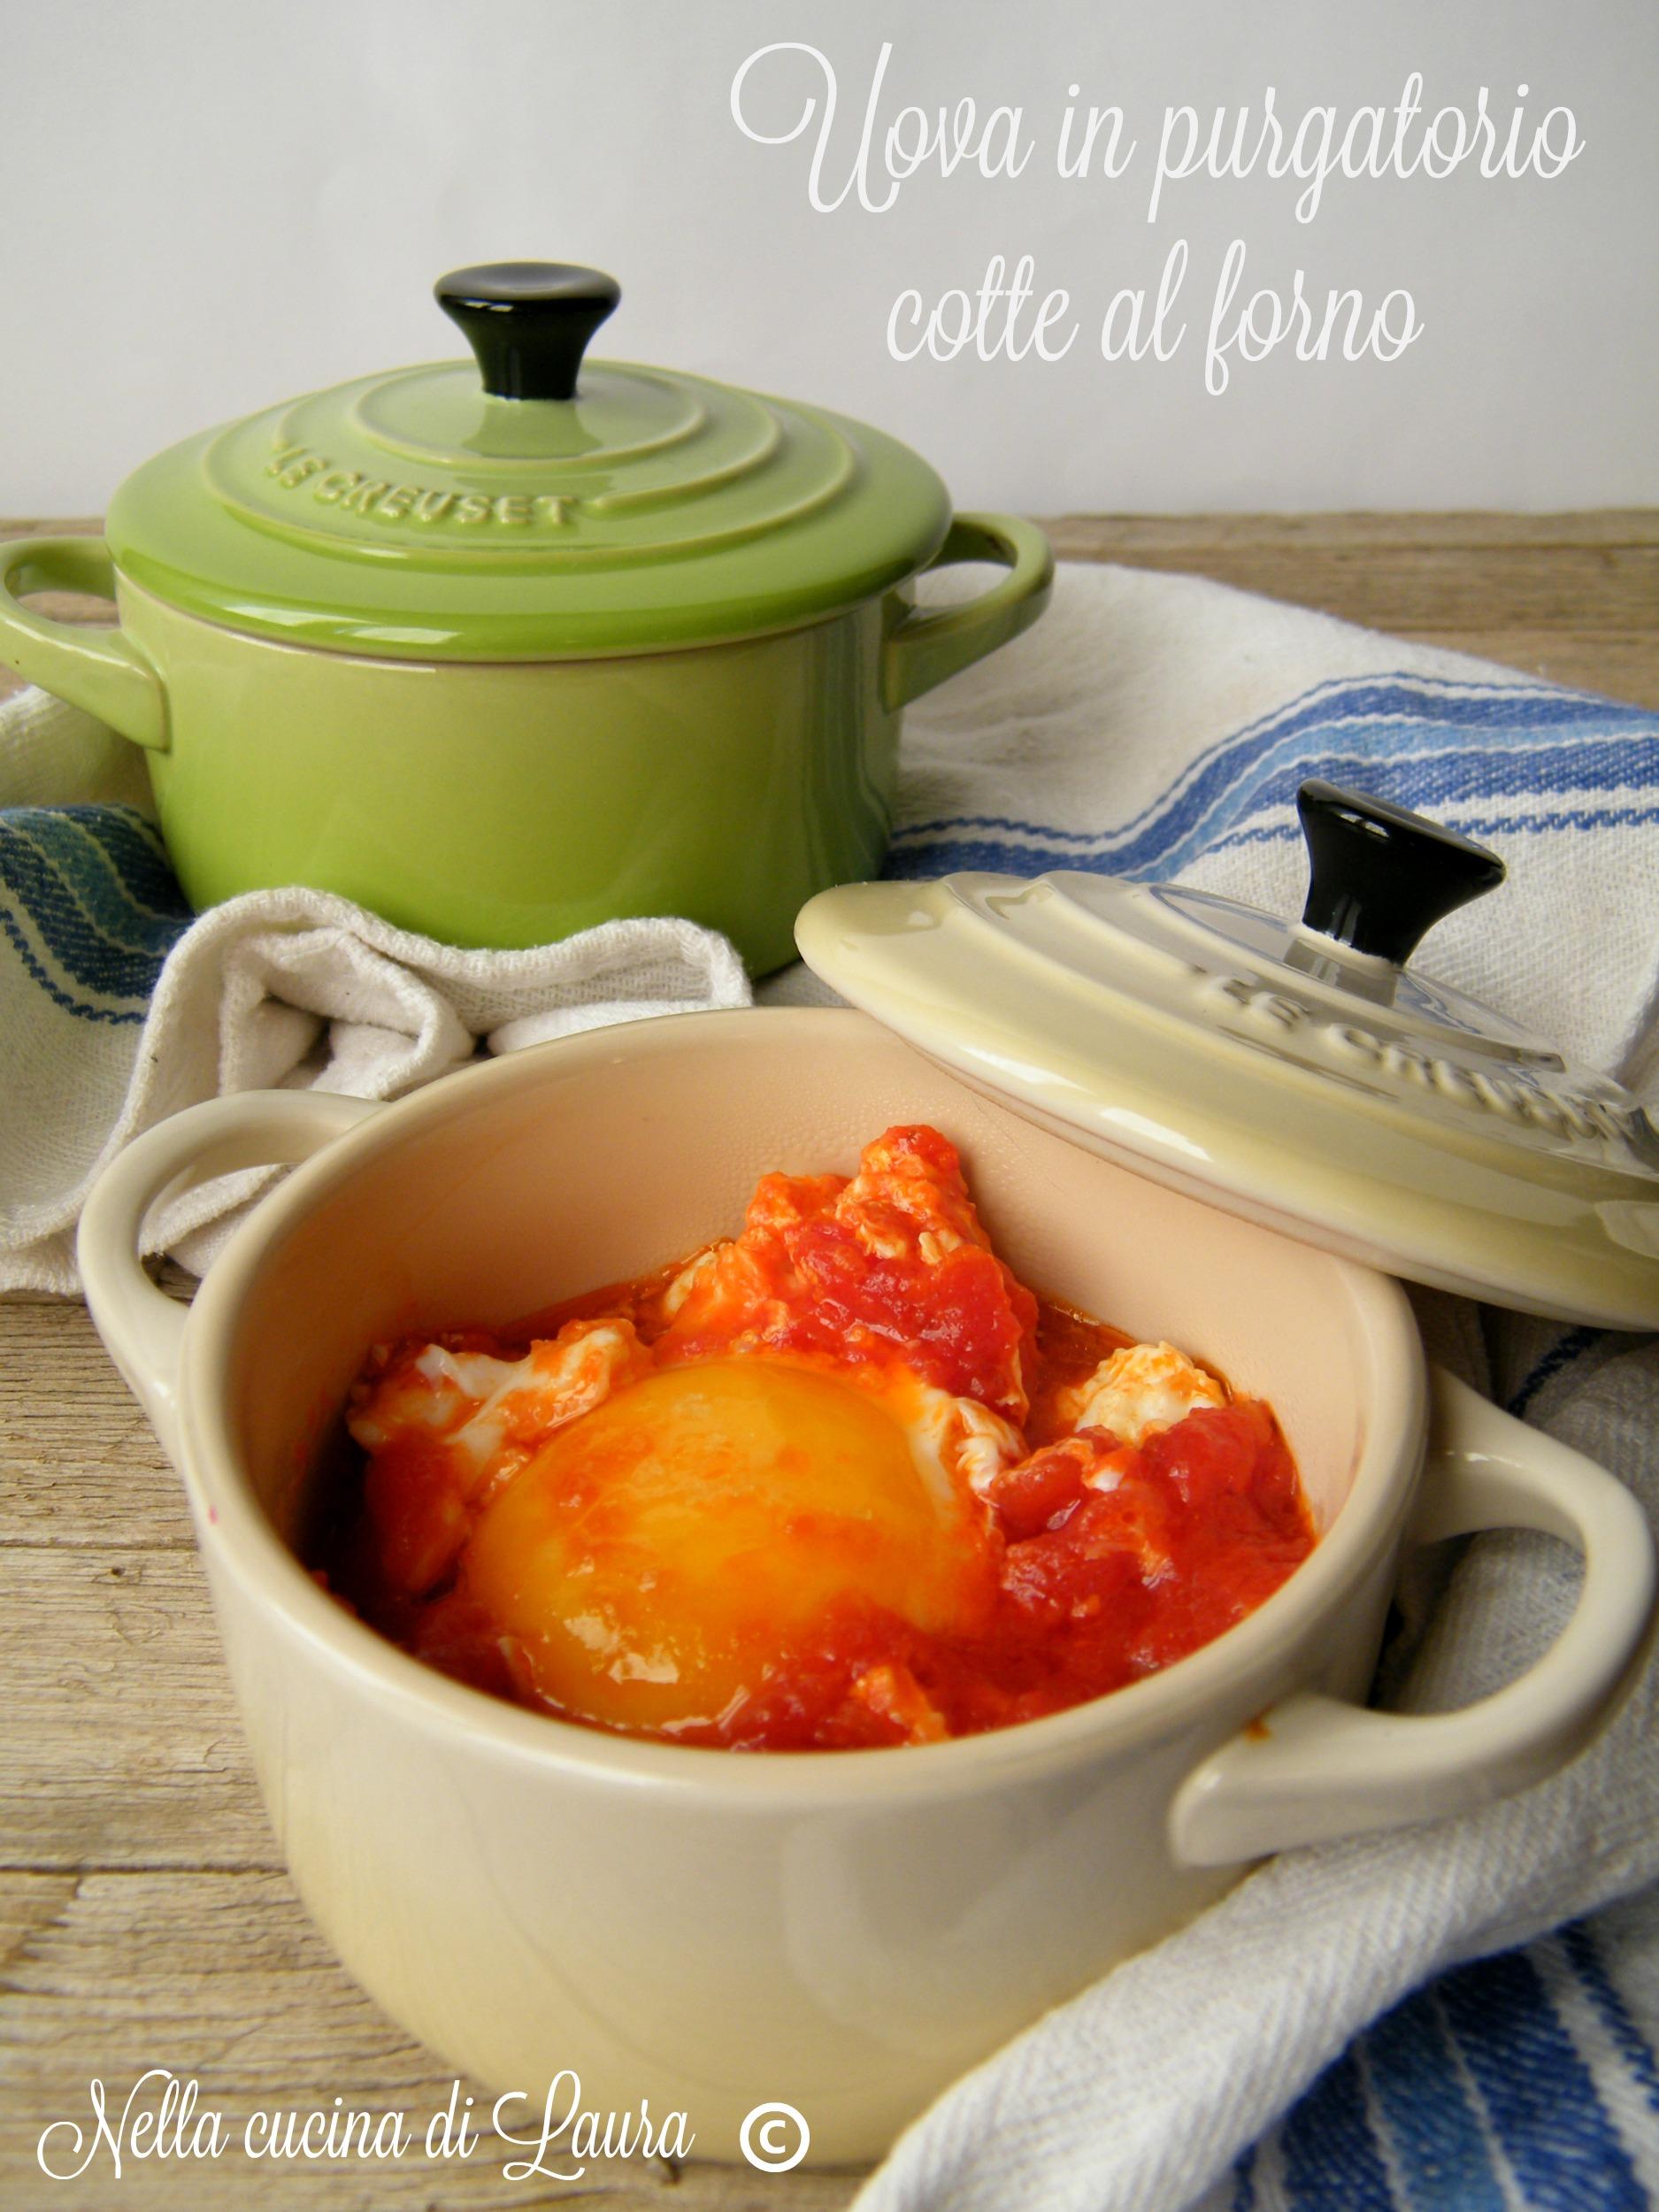 uova in purgatorio cotte al forno - nella cucina di Laura